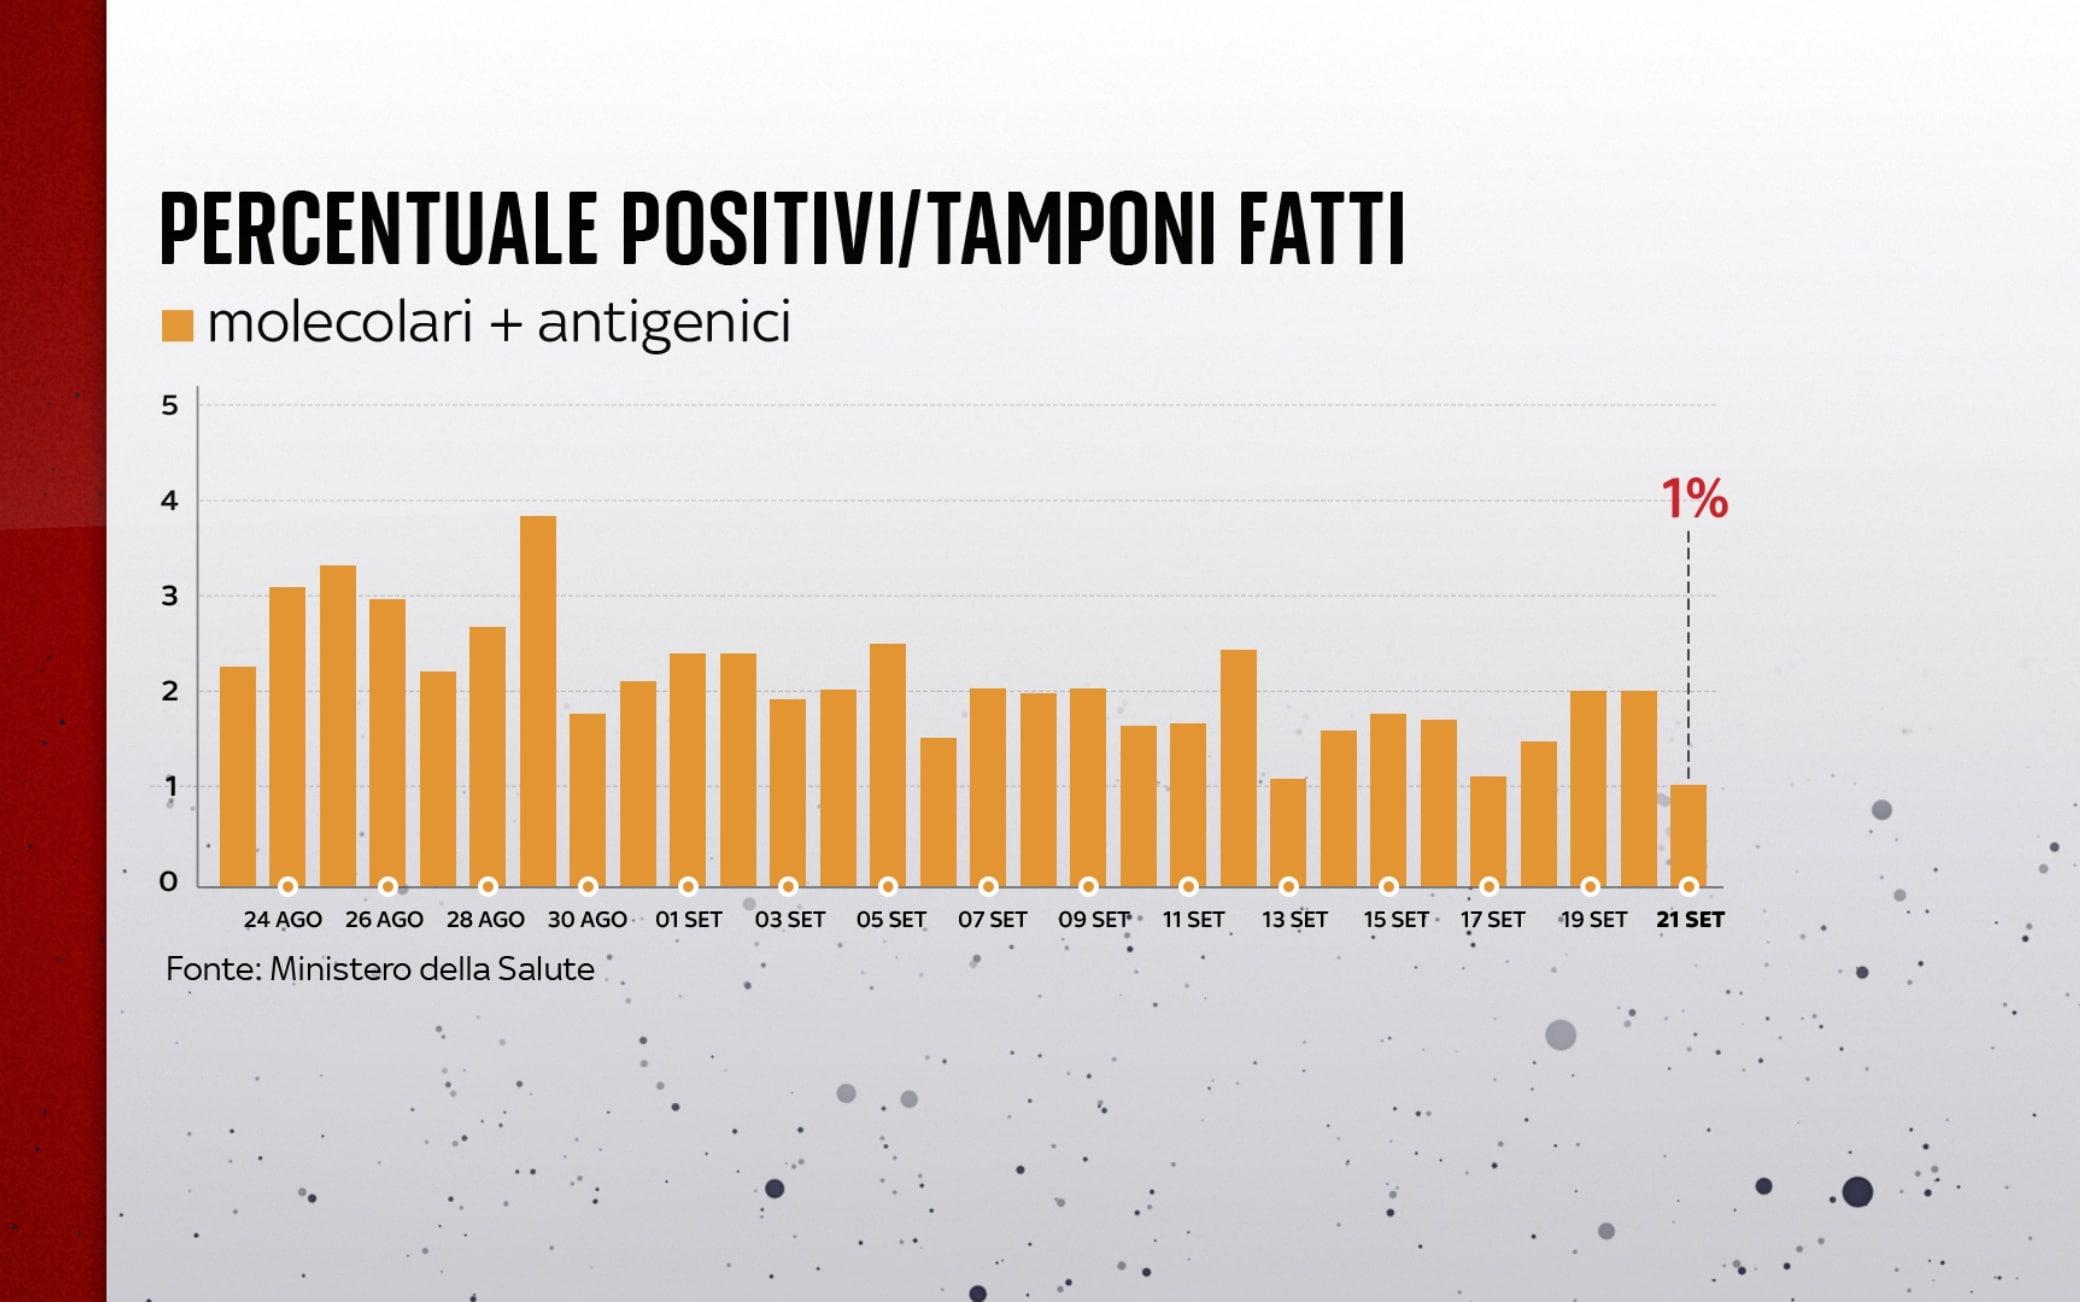 Coronavirus in Italia, il bollettino del 21 settembre: 3.377 nuovi casi, i morti sono 67 - Sky TG24